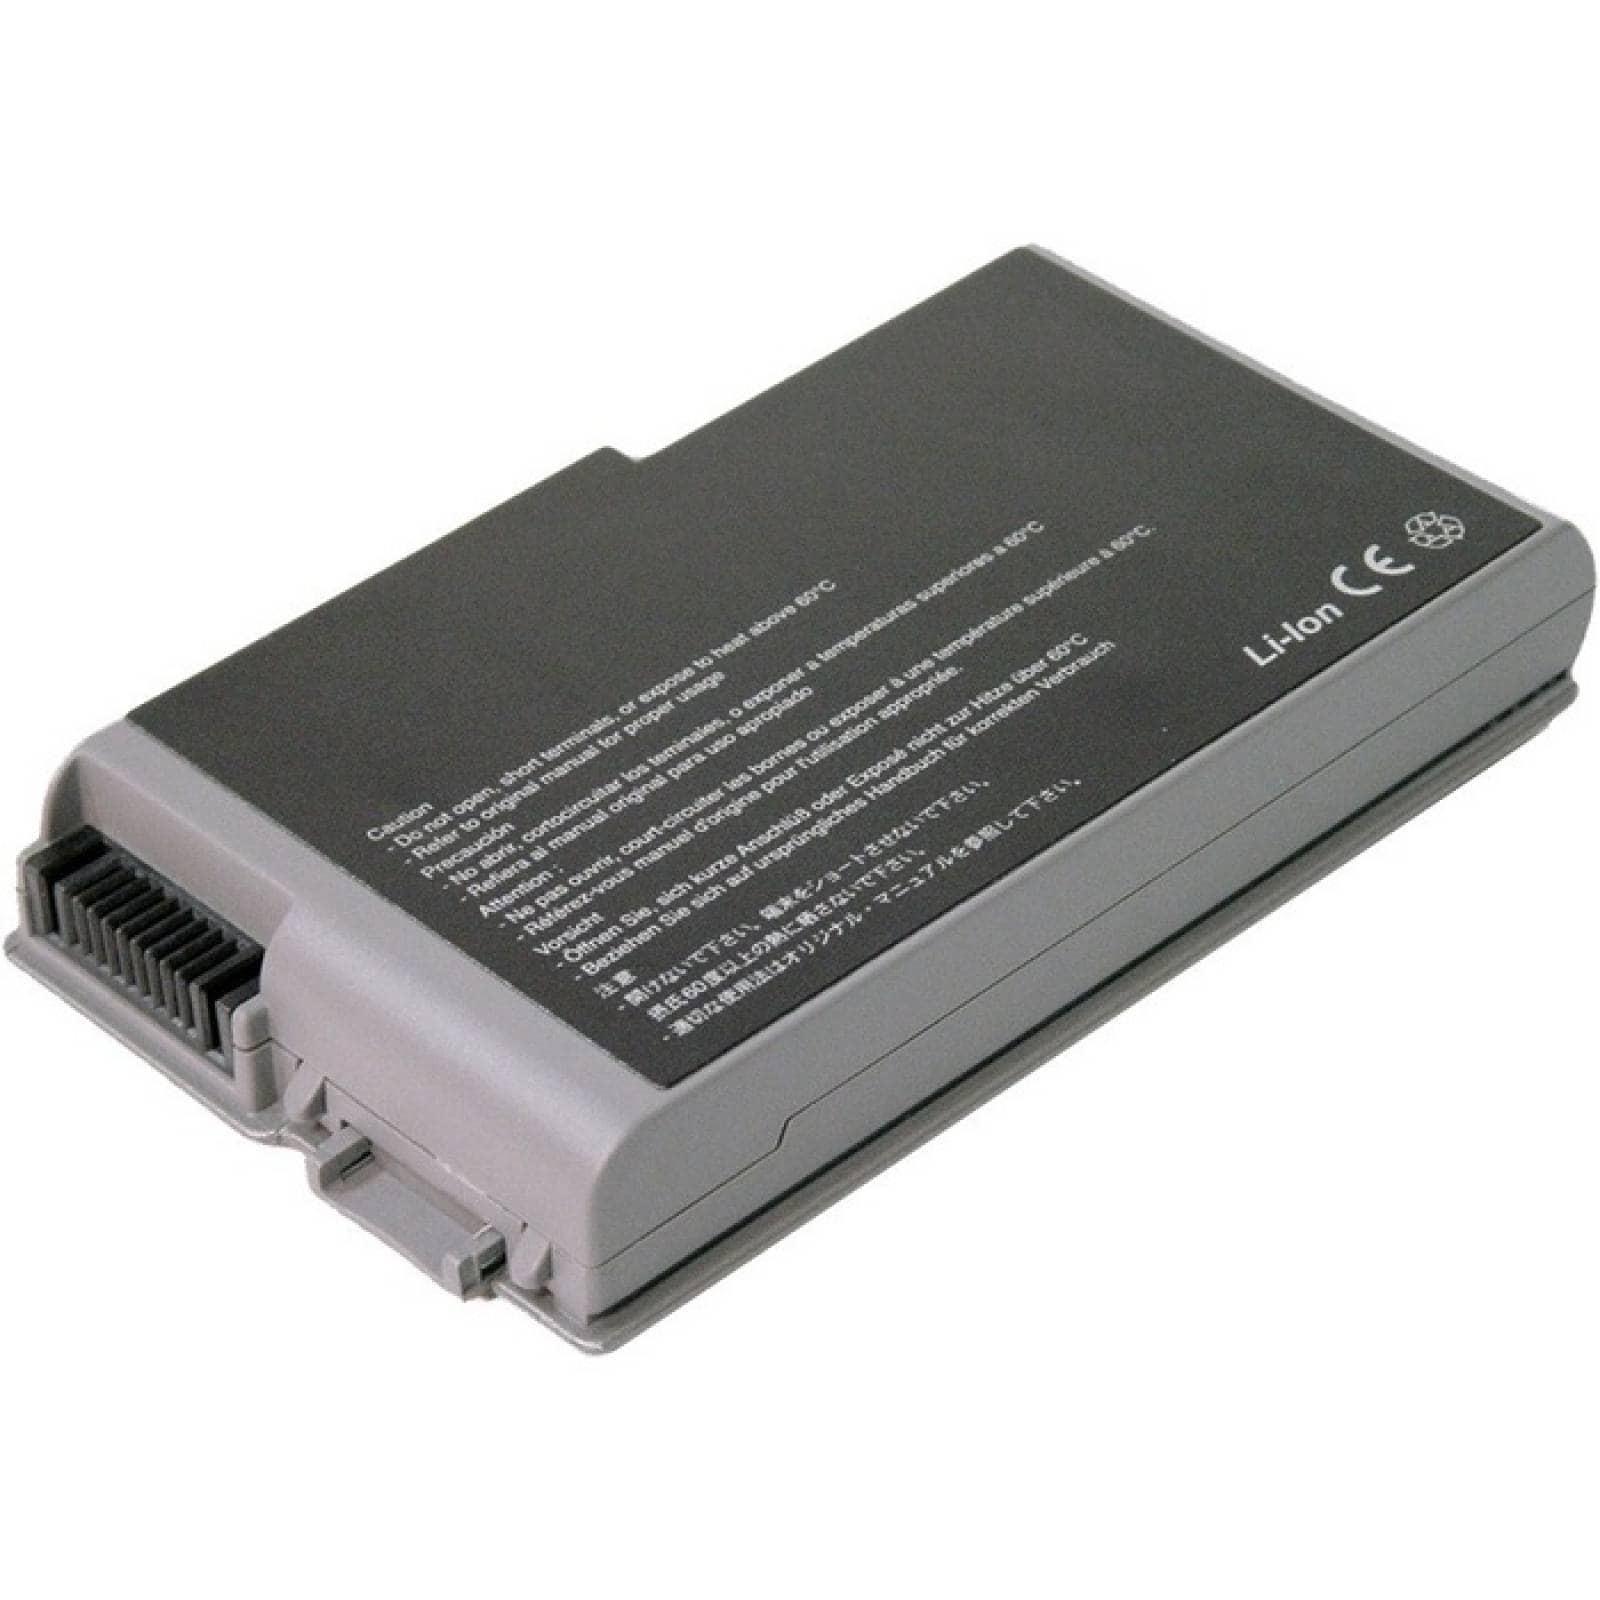 Batera de repuesto V7 DELL LATITUDE D600 D505 D500 OEM  3104482 3105195 4M983